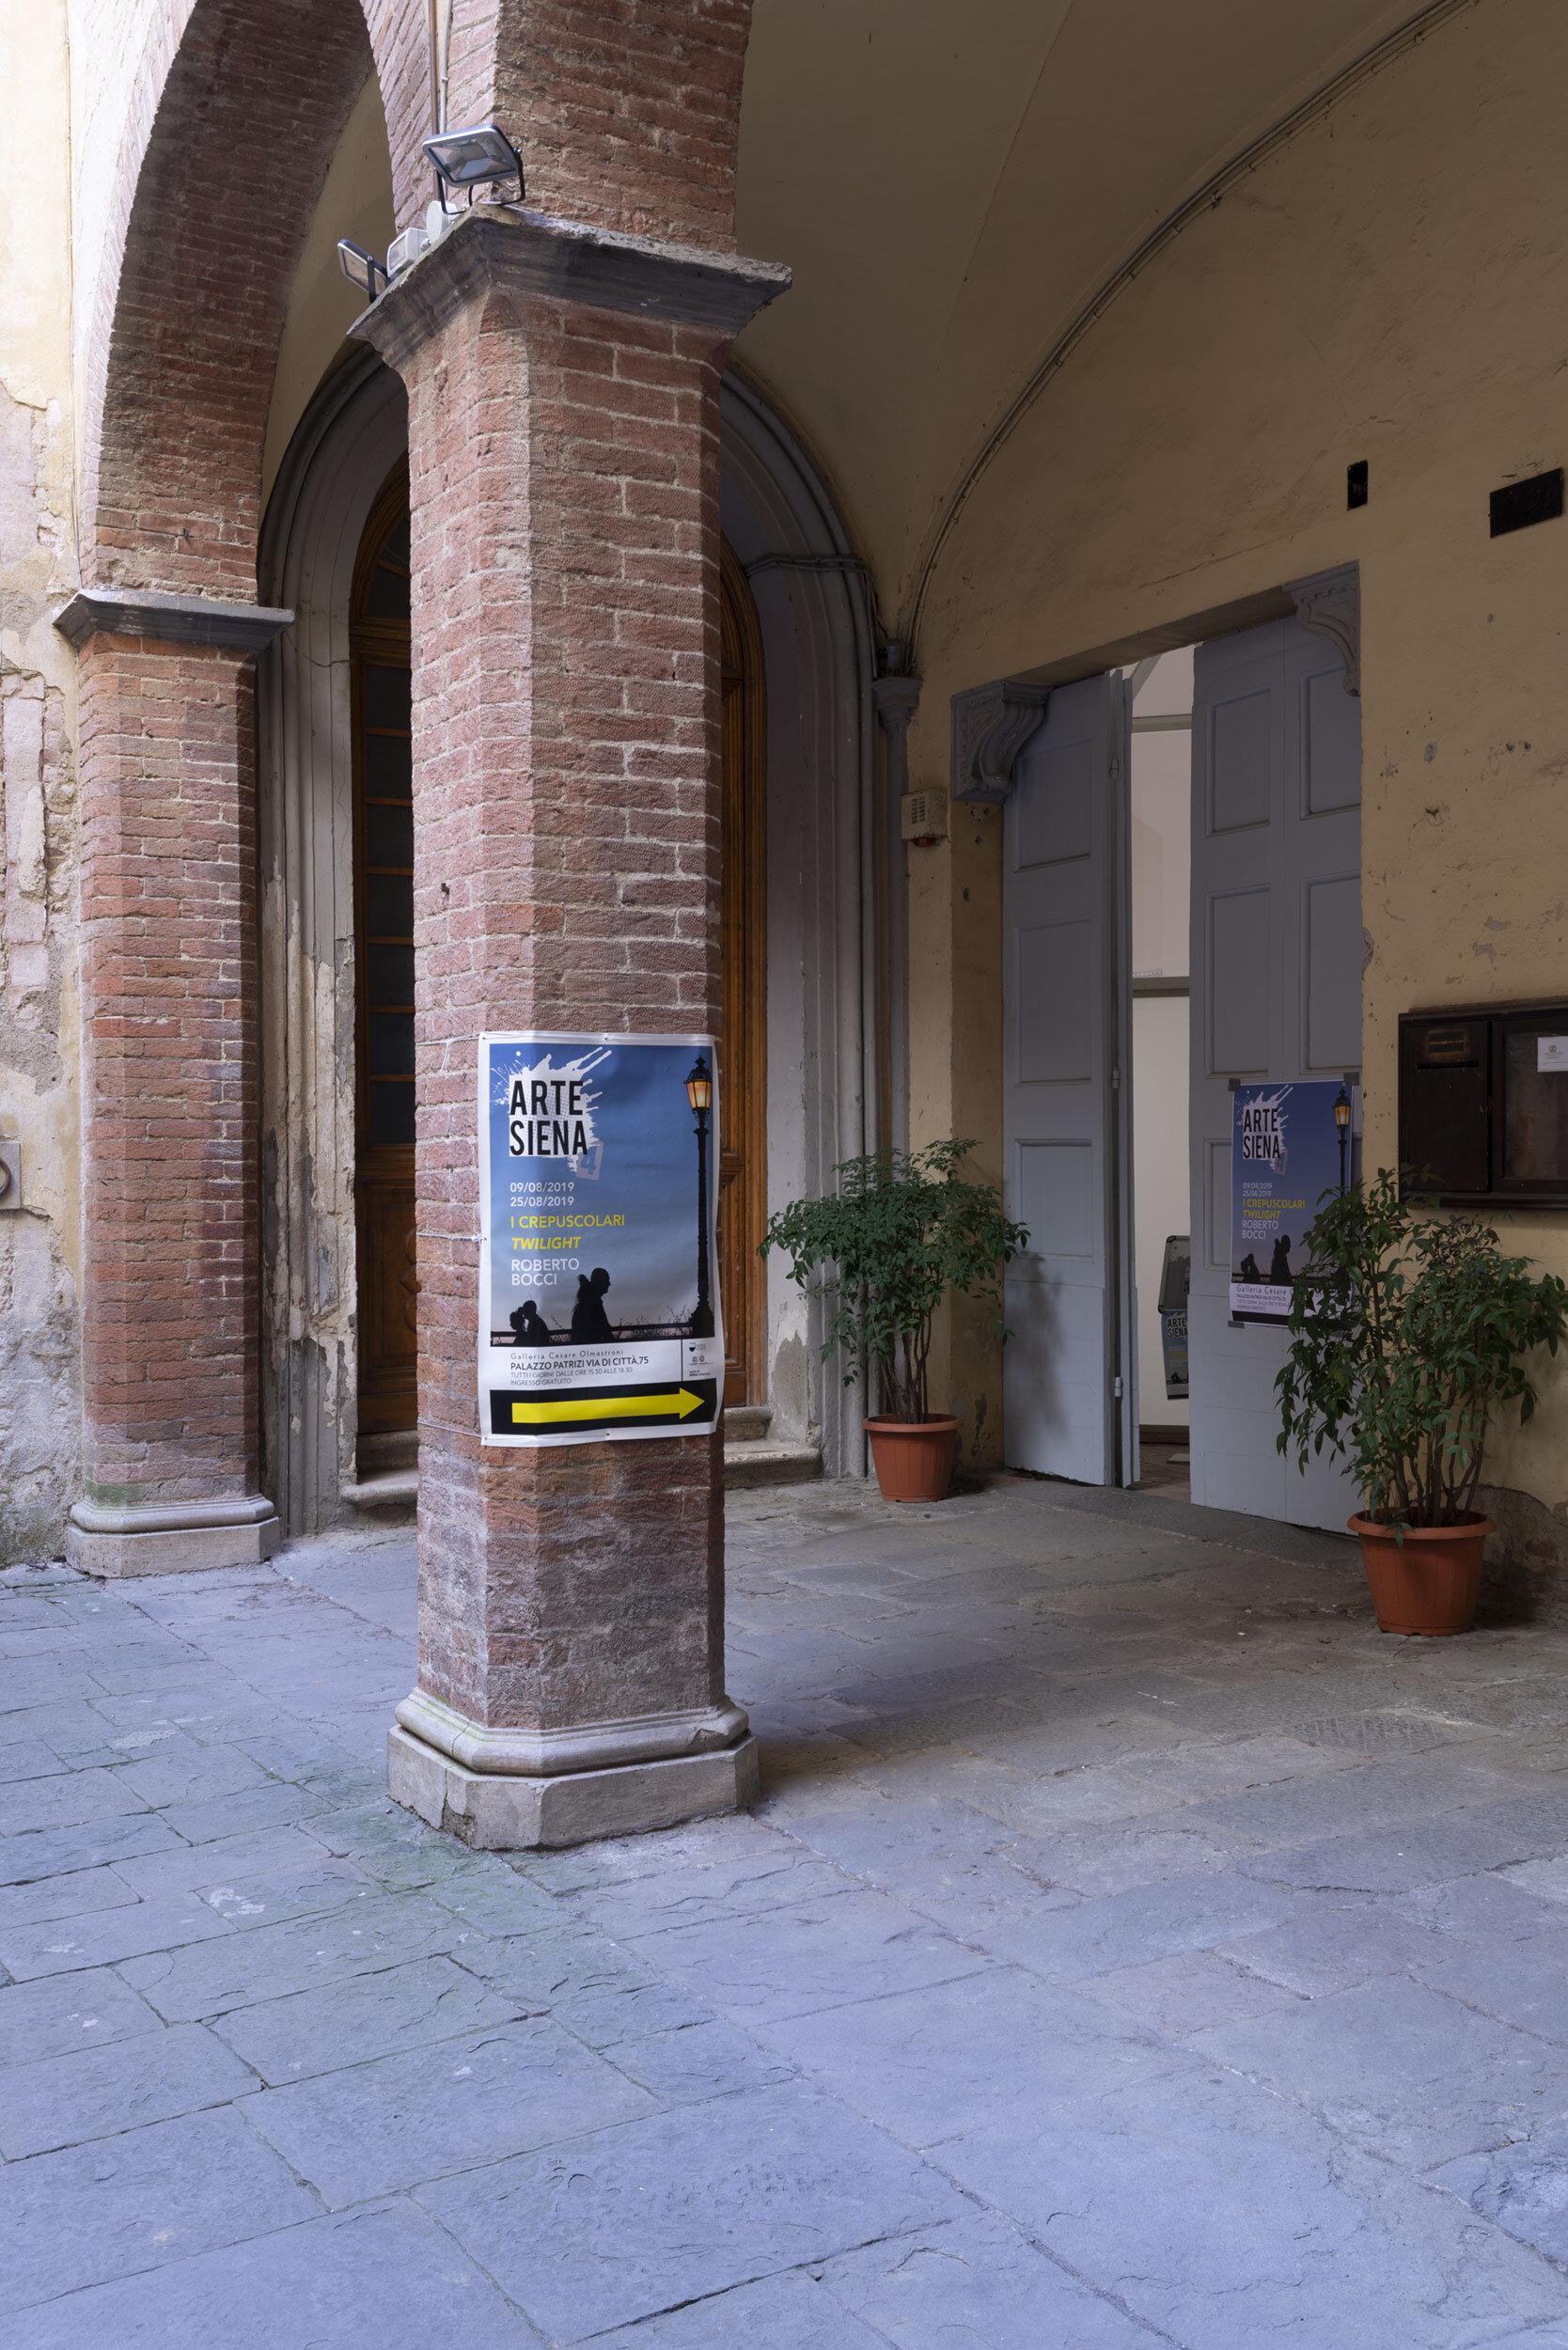 Entrance Accademia degli Intronati